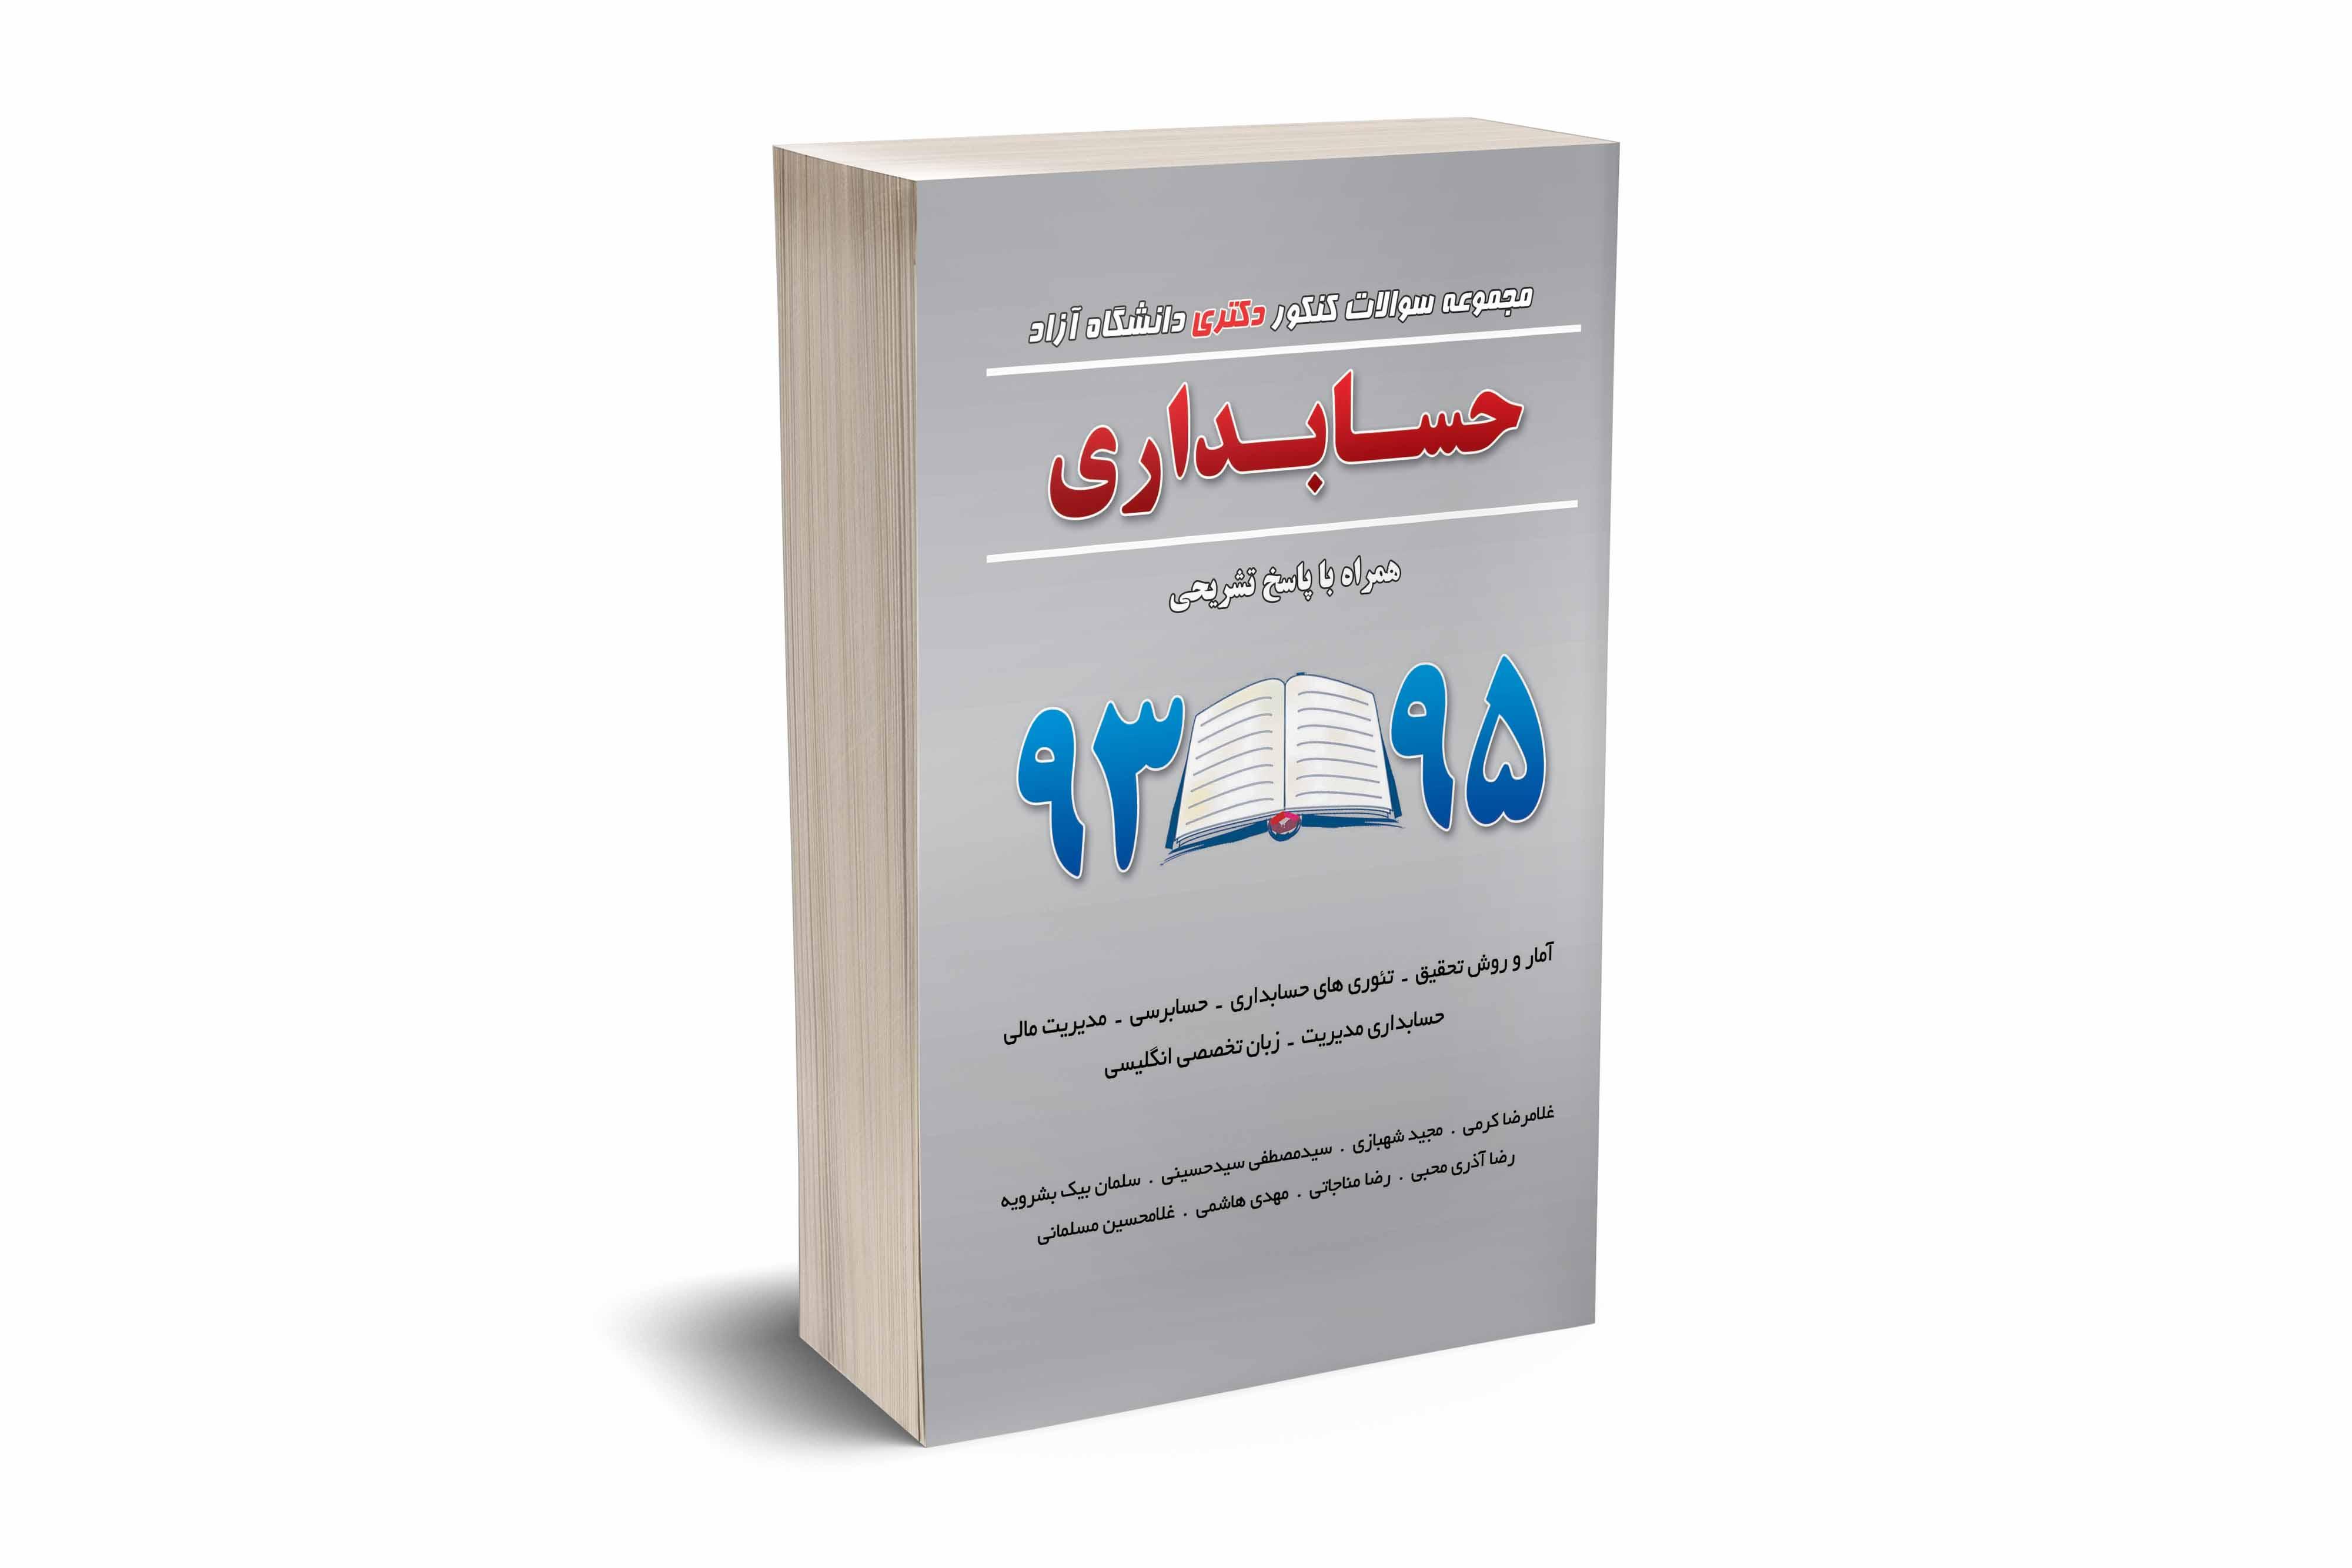 مجموعه سوالات کنکور دکتری دانشگاه آزاد حسابداری 93 تا 95